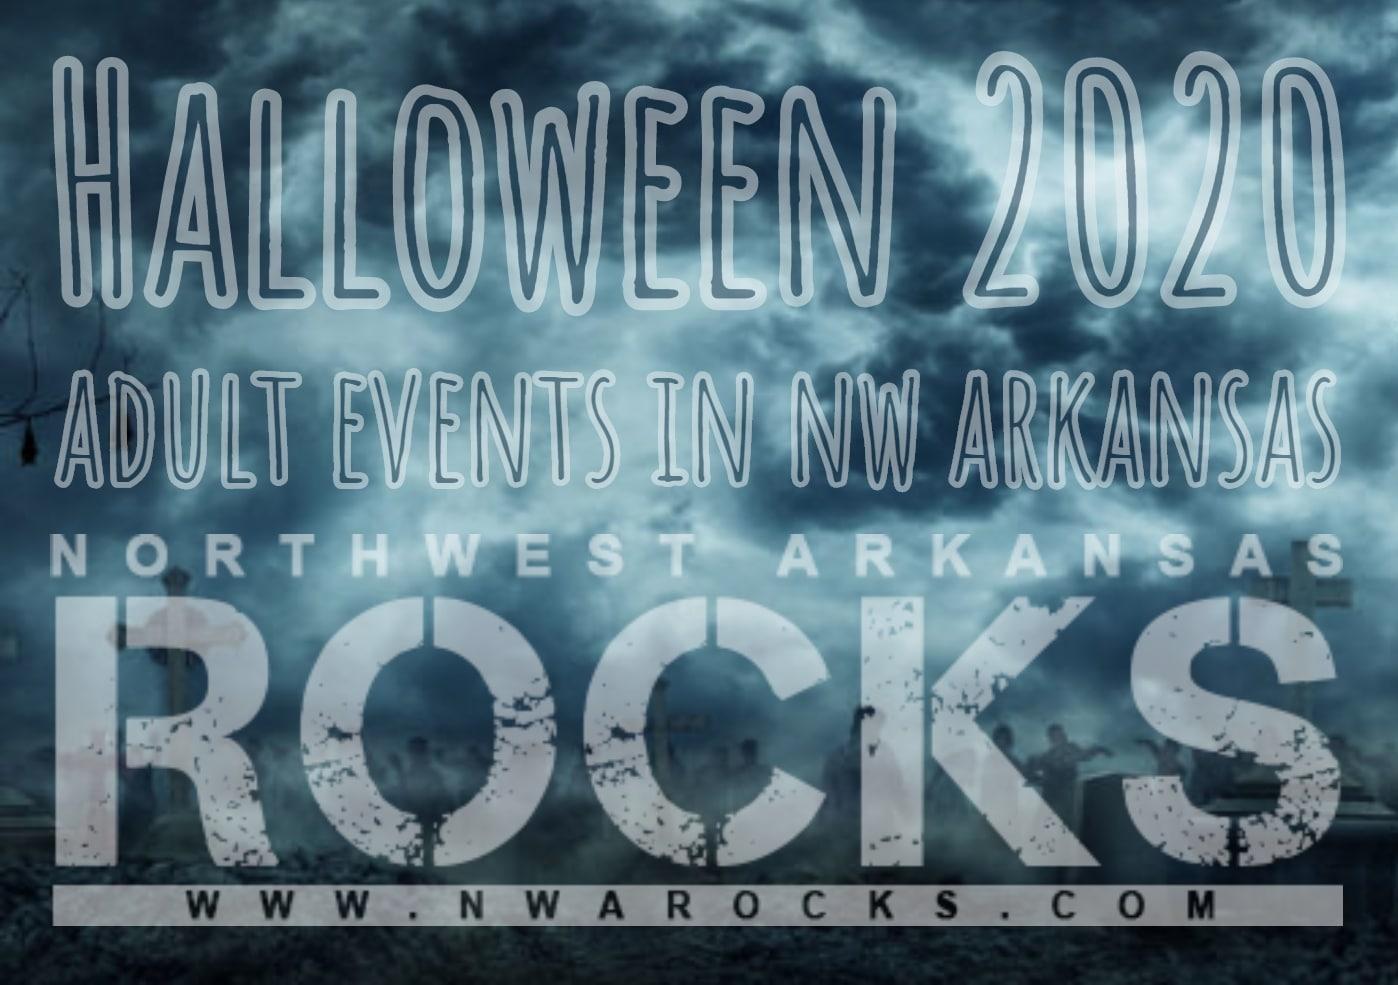 2020 Nwa Halloween 2020 Halloween Events For Adults In NWA